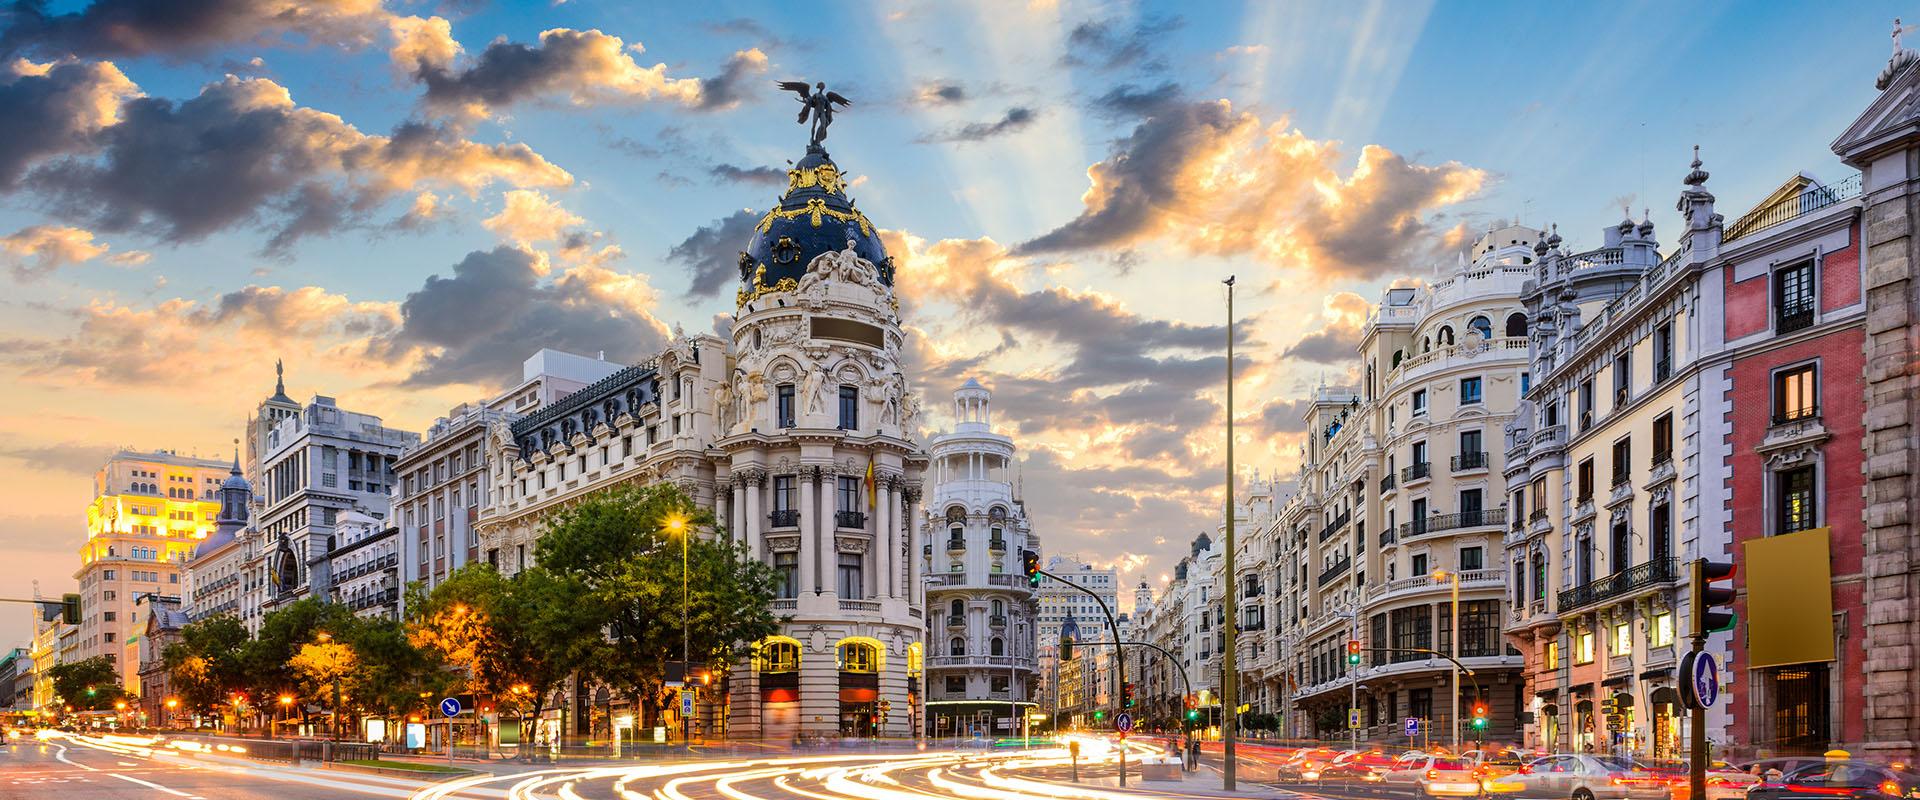 Madrid - veduta panoramica sulle strade principali Calle de Alcalá e Gran Via